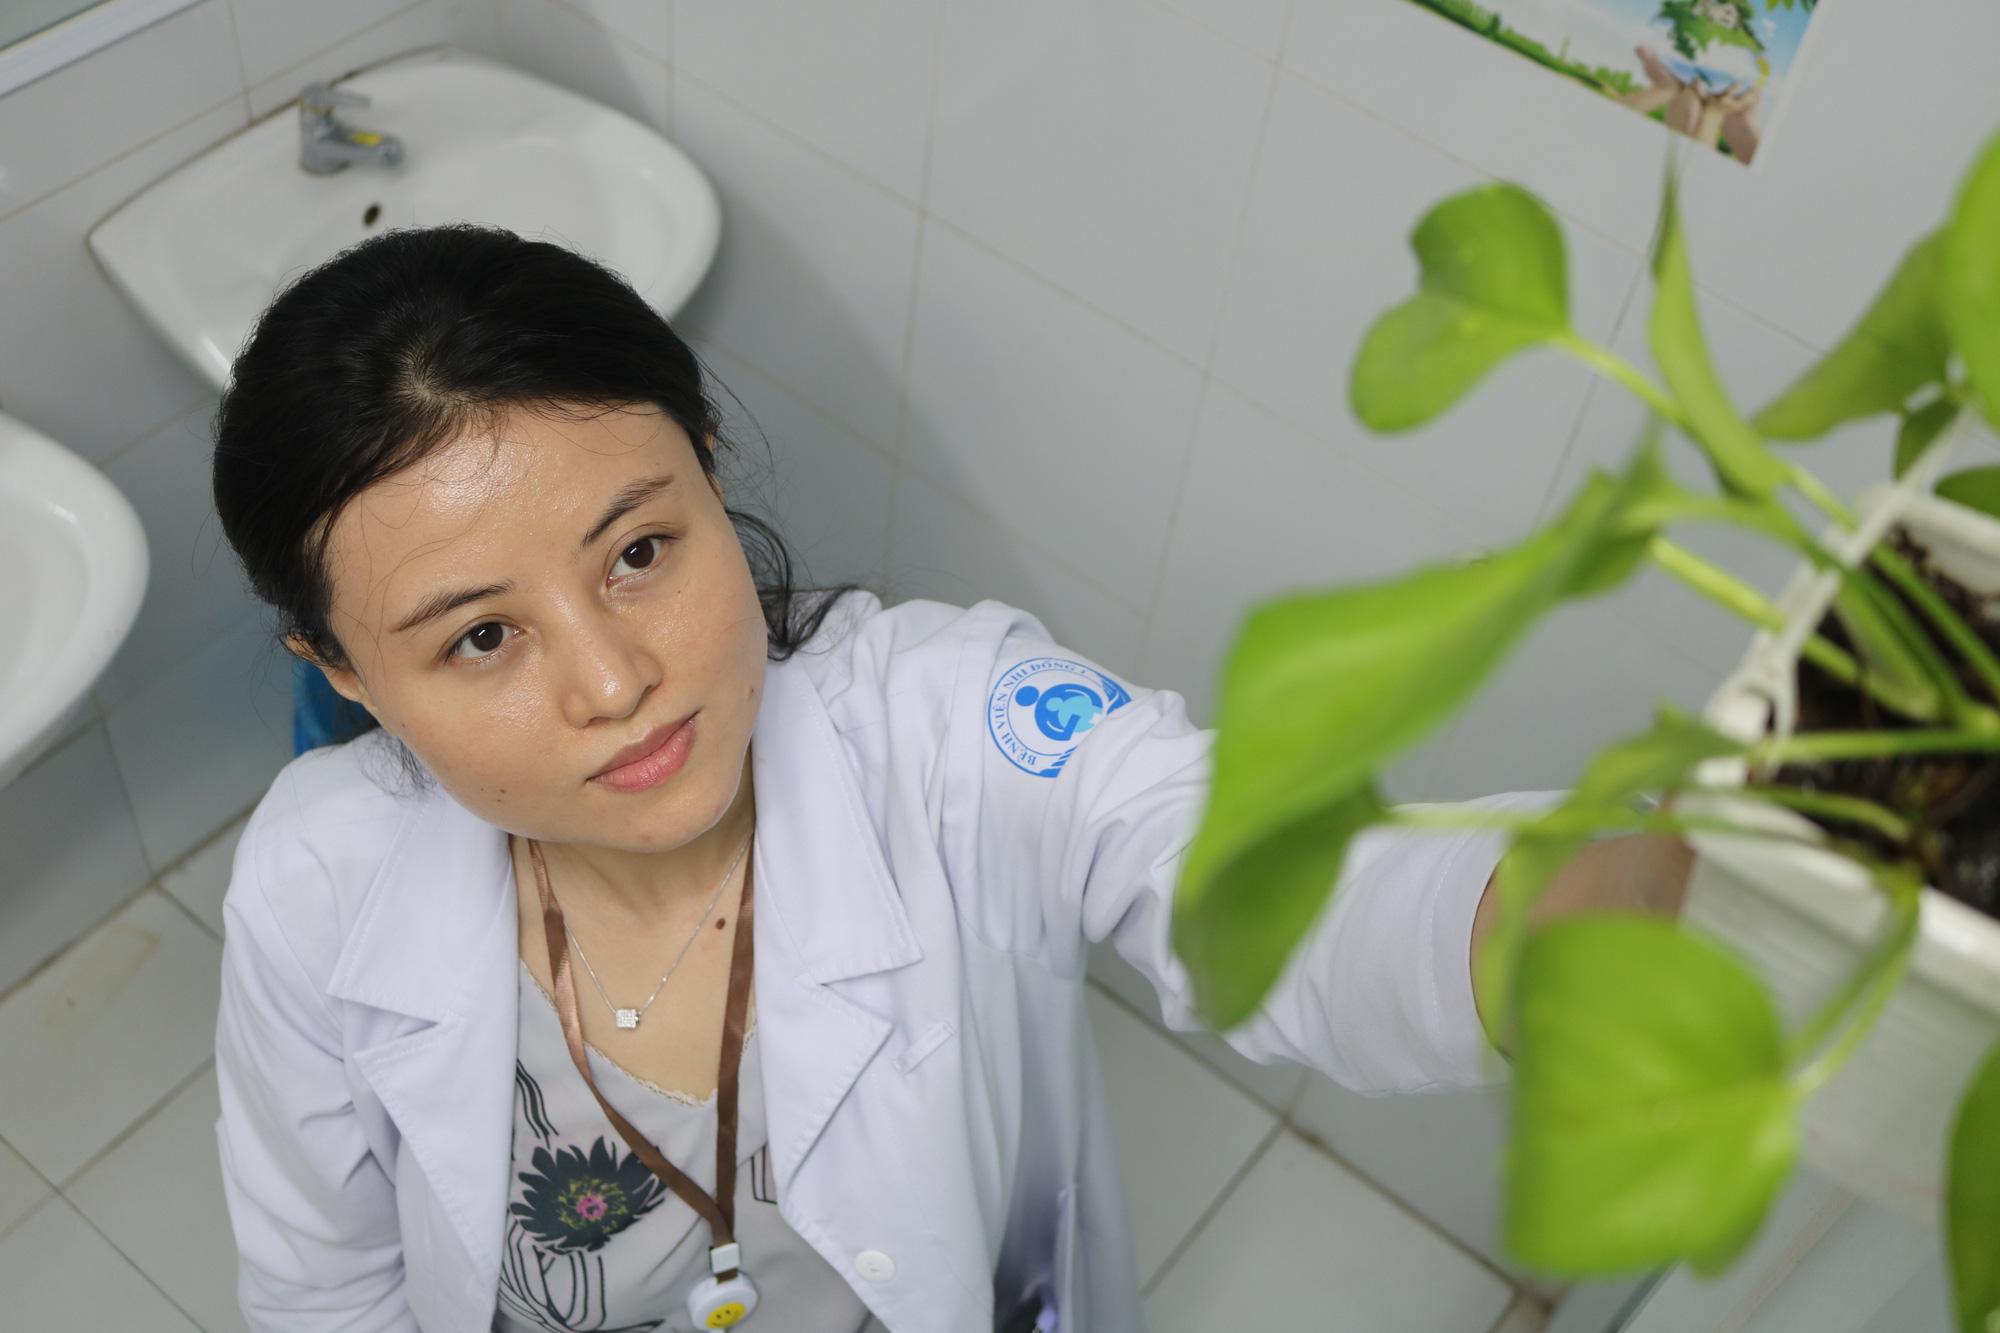 Nữ bác sĩ với khát vọng phủ xanh bệnh viện - Ảnh 2.